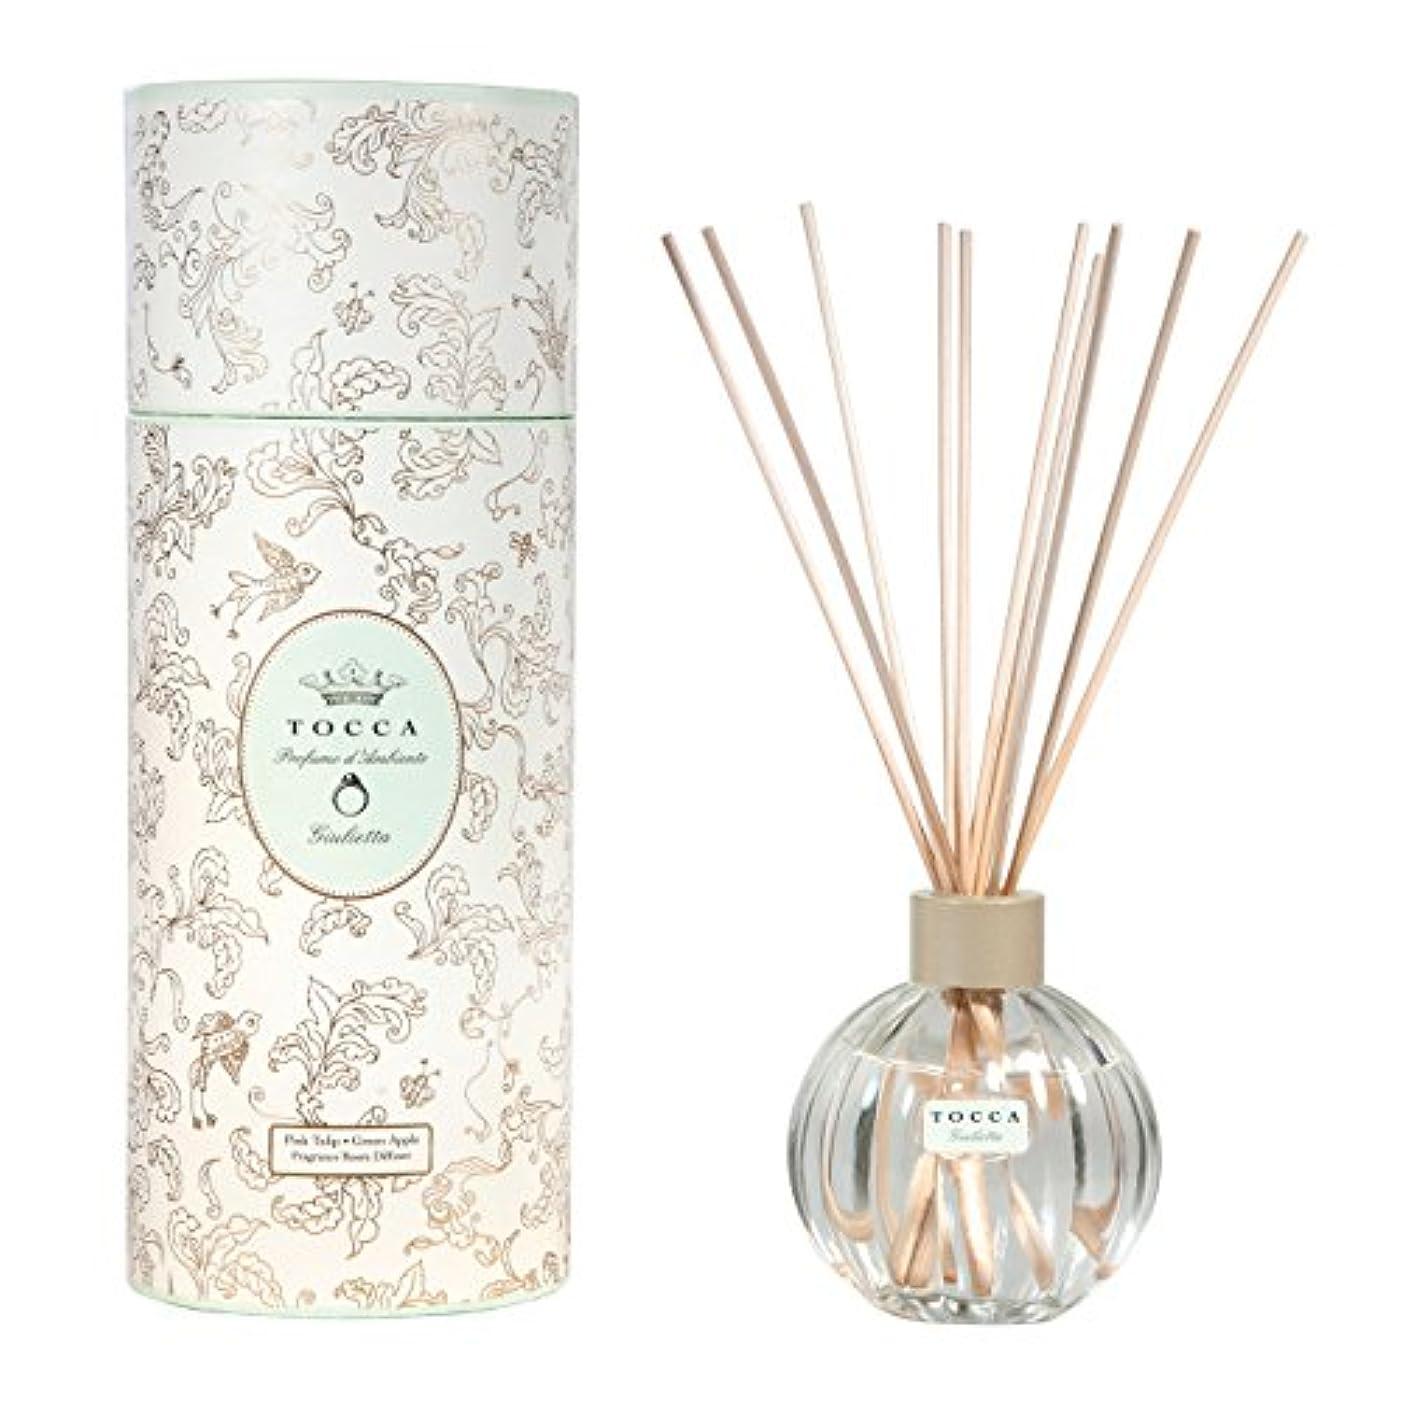 魔法開業医生産性トッカ(TOCCA) リードディフューザー ジュリエッタの香り 175ml 3~4ヶ月持続(芳香剤 ルームフレグランス ピンクチューリップとグリーンアップルの爽やかで甘い香り)